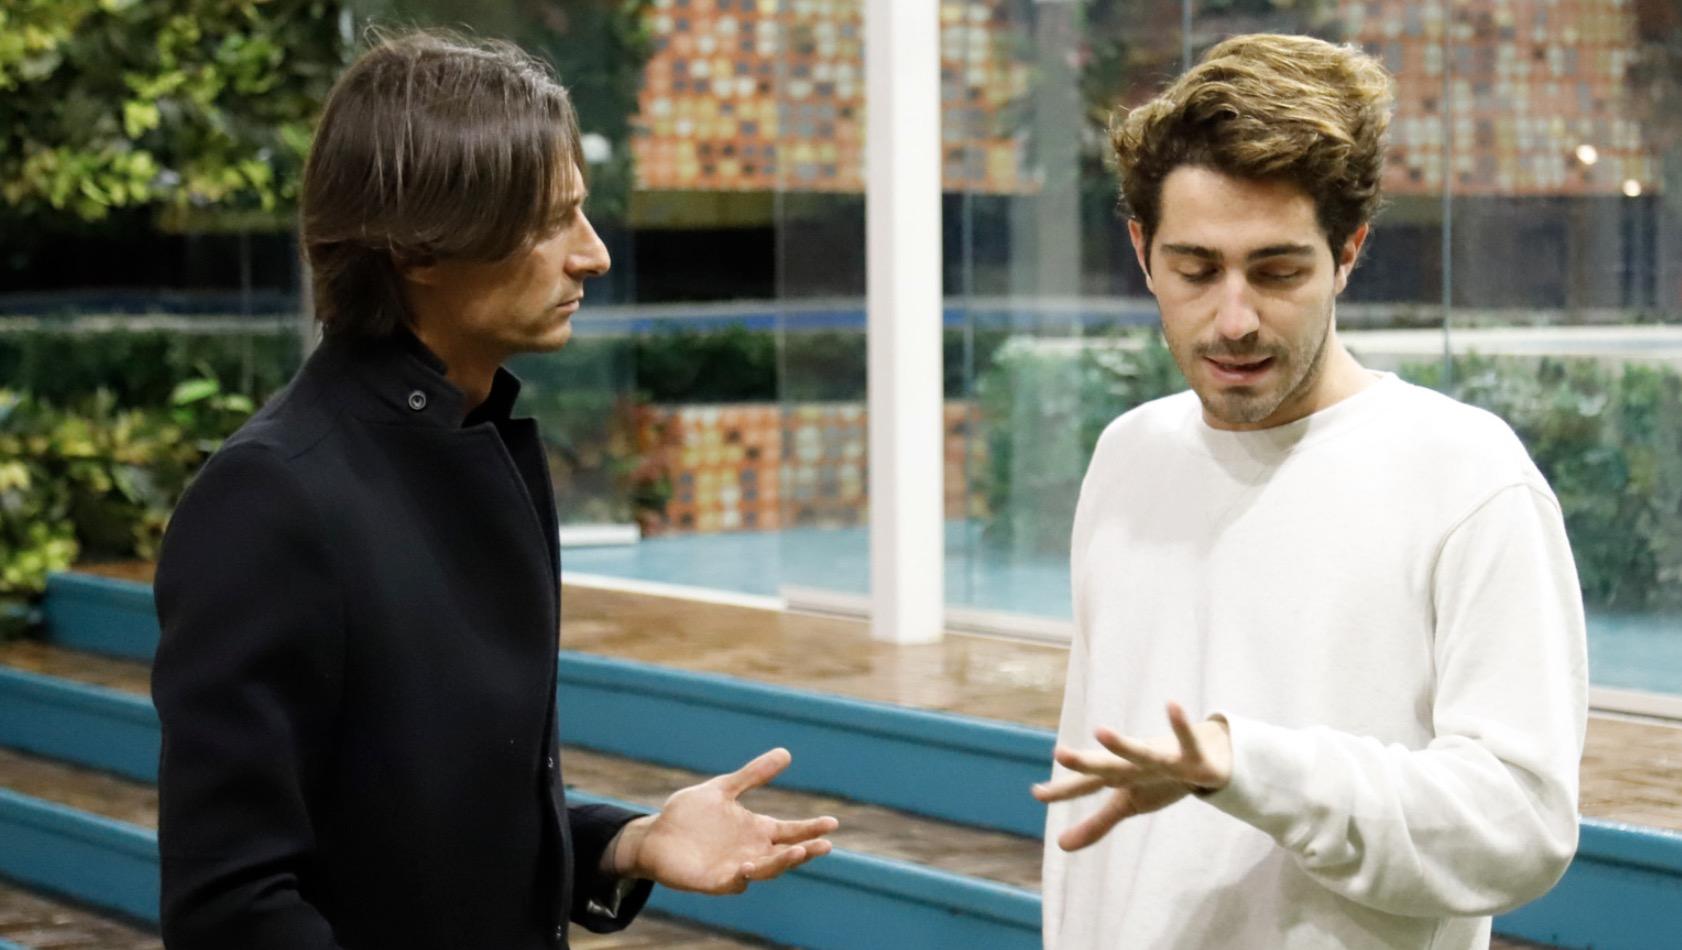 Tommaso Zorzi confessa di avere una cotta per Oppini (stavolta davvero)